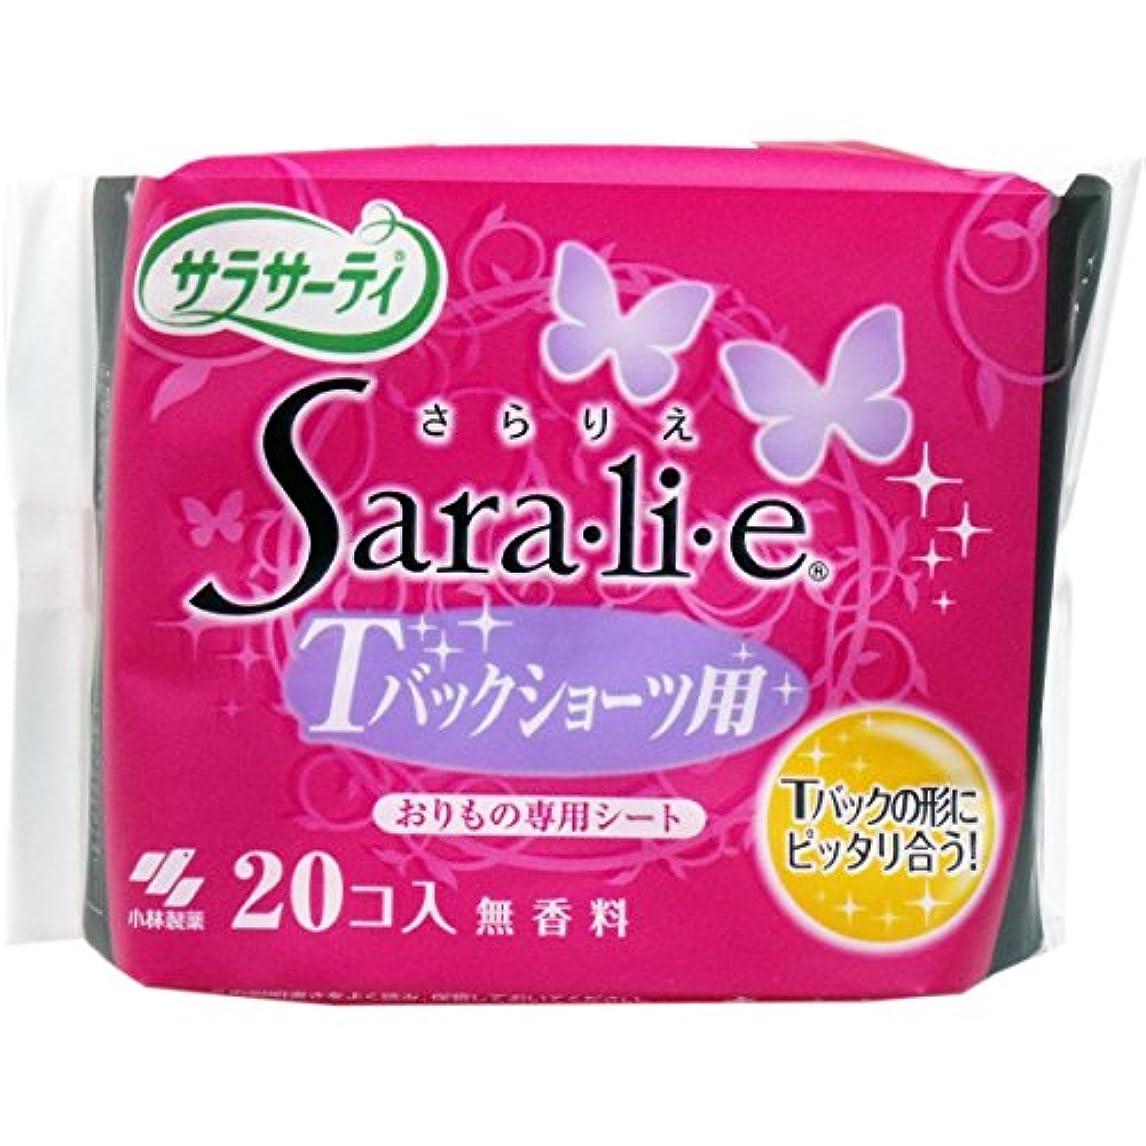 許す土地免疫するサラサーティ SARALIE(さらりえ) Tバックショーツ用 20枚 x 5